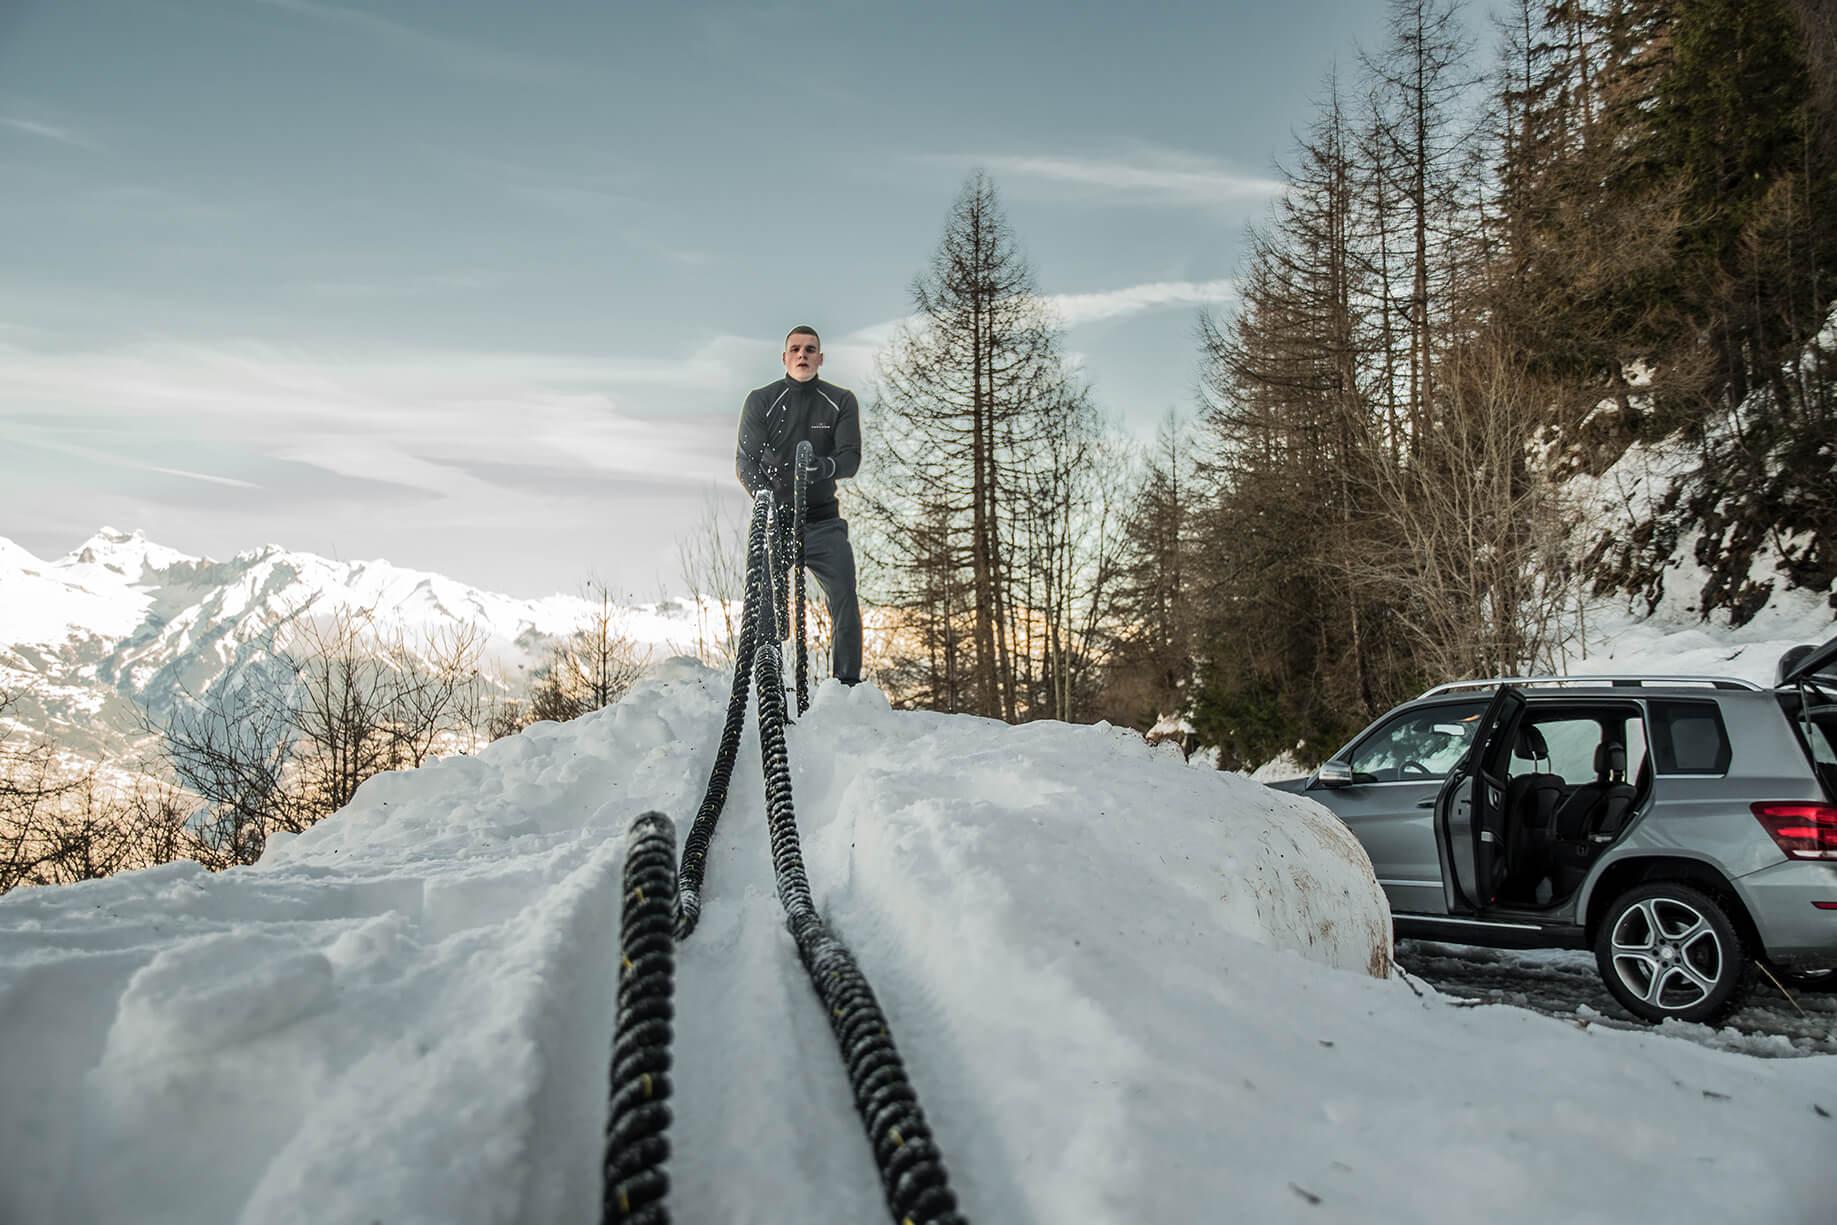 FEFLOGX Sportswear Longsleeve Pure beim Battle-Rope Workout im Schnee in der Schweiz.